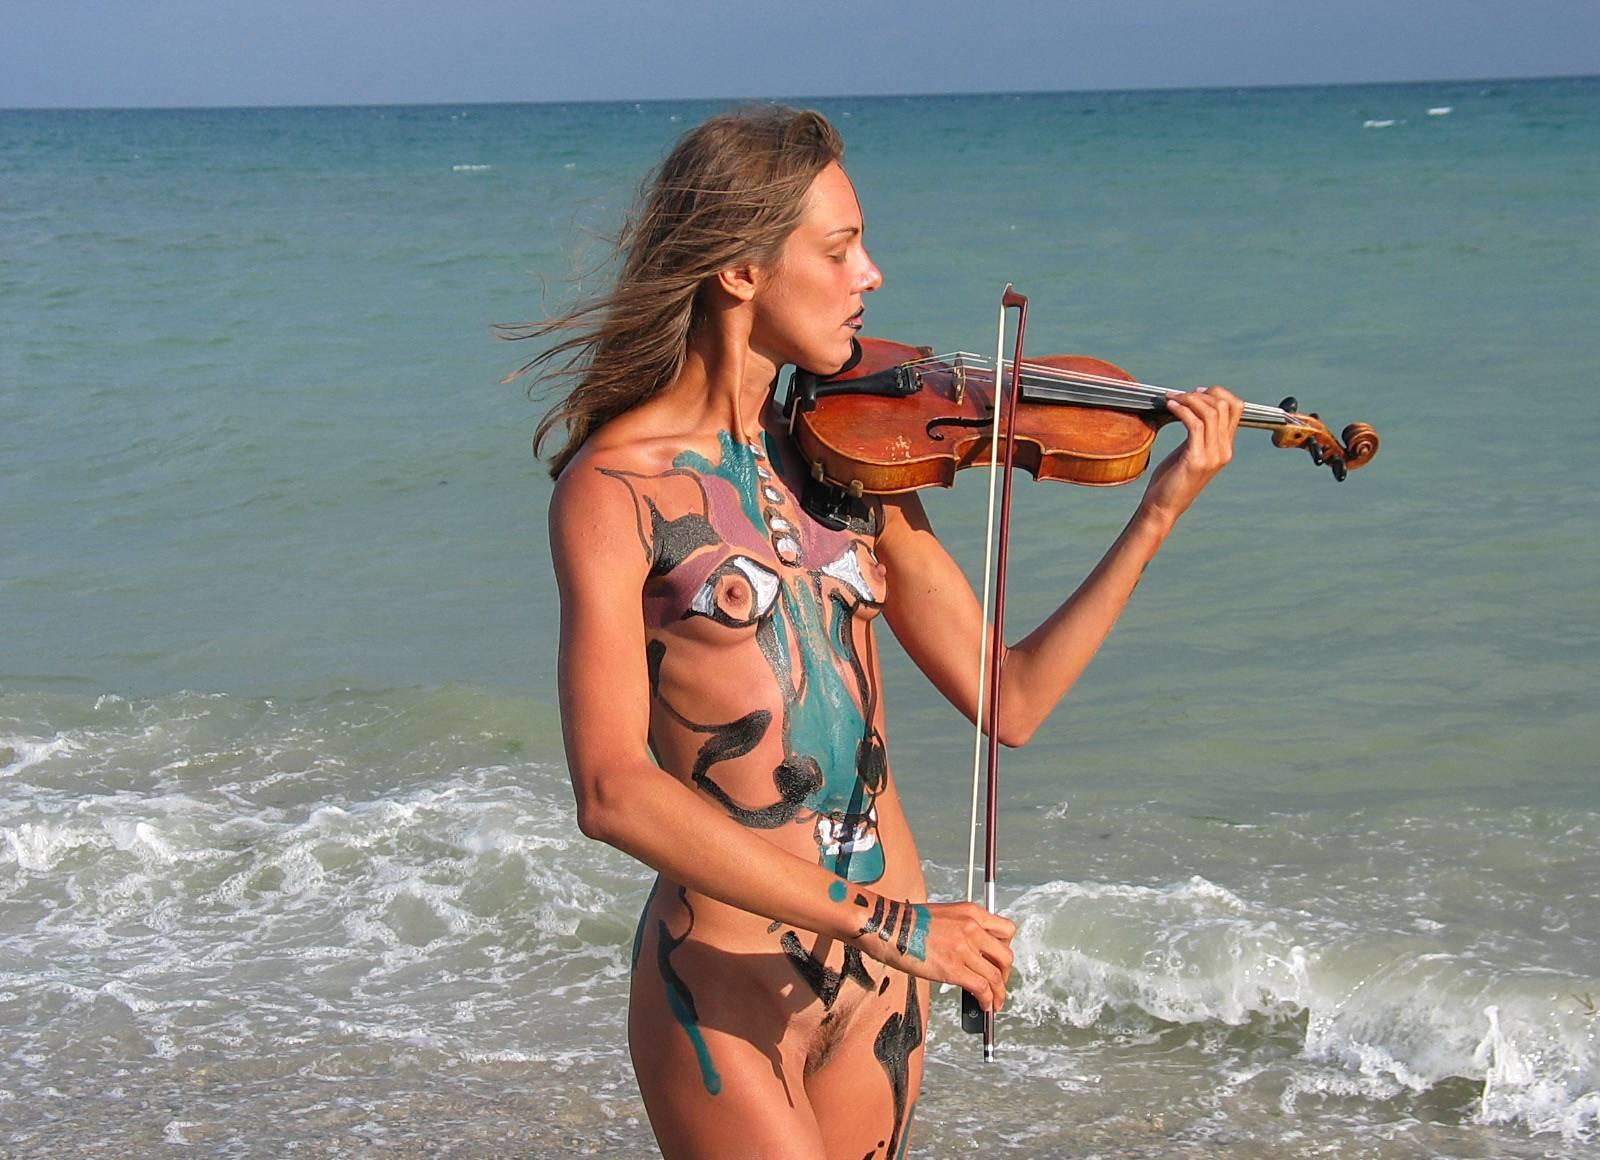 Nudist Photos Seaside Soothing Violinist - 2